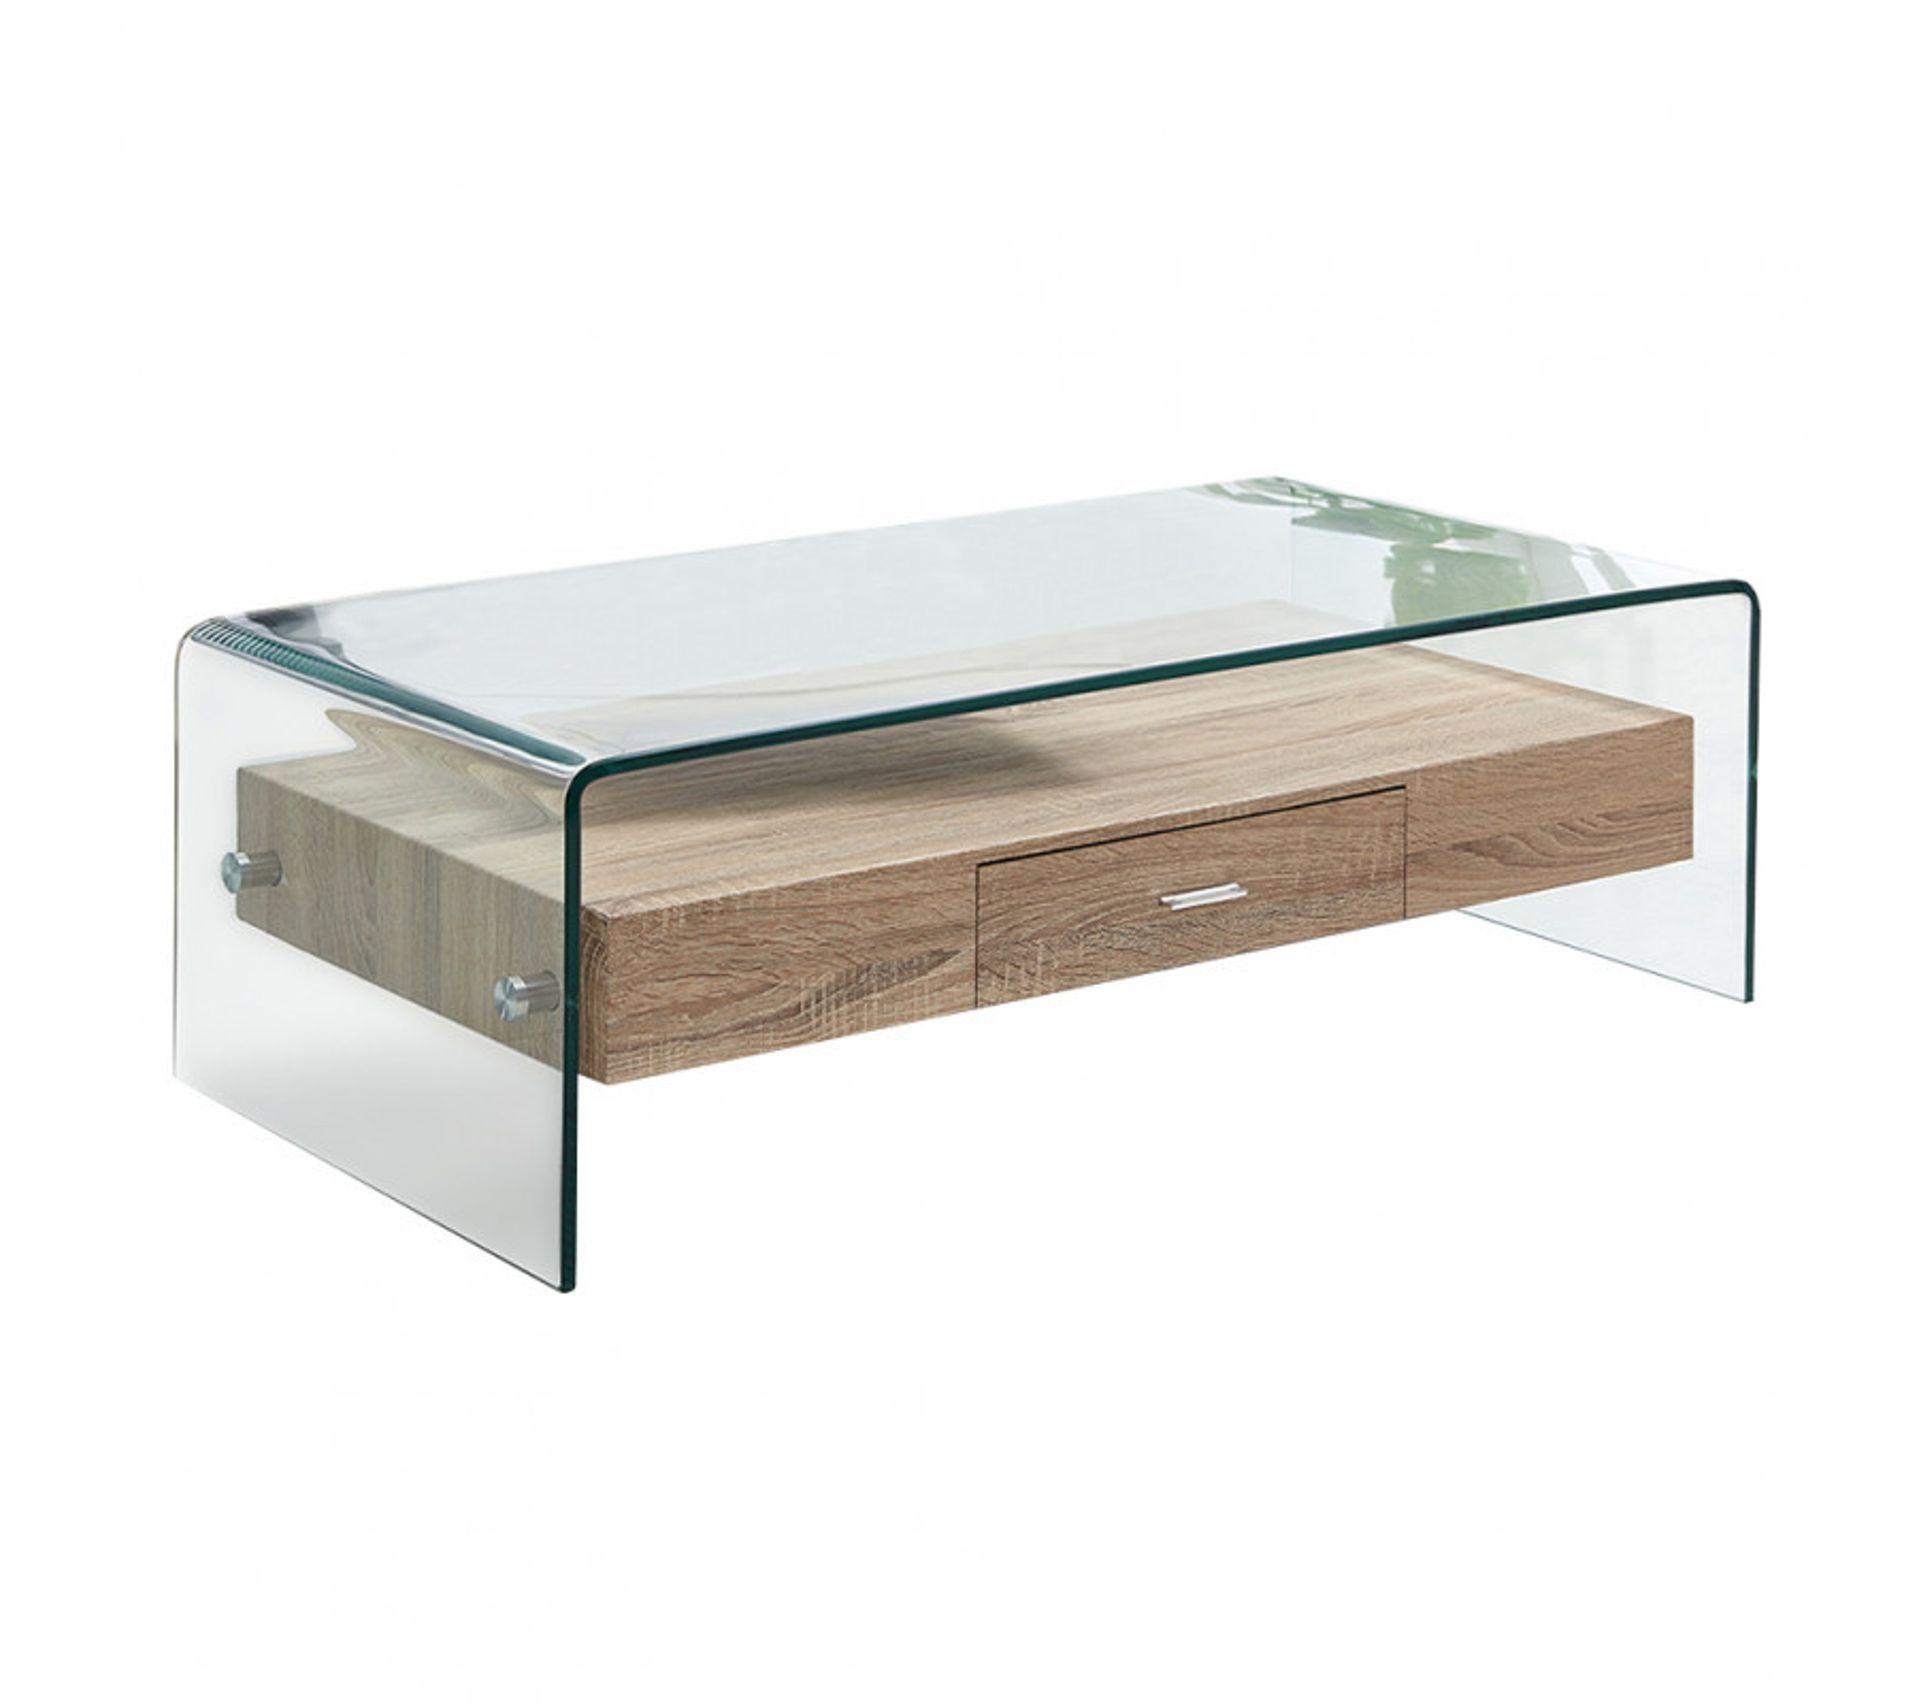 Table Basse En Verre Avec Tiroir Bois Ice Table Basse But